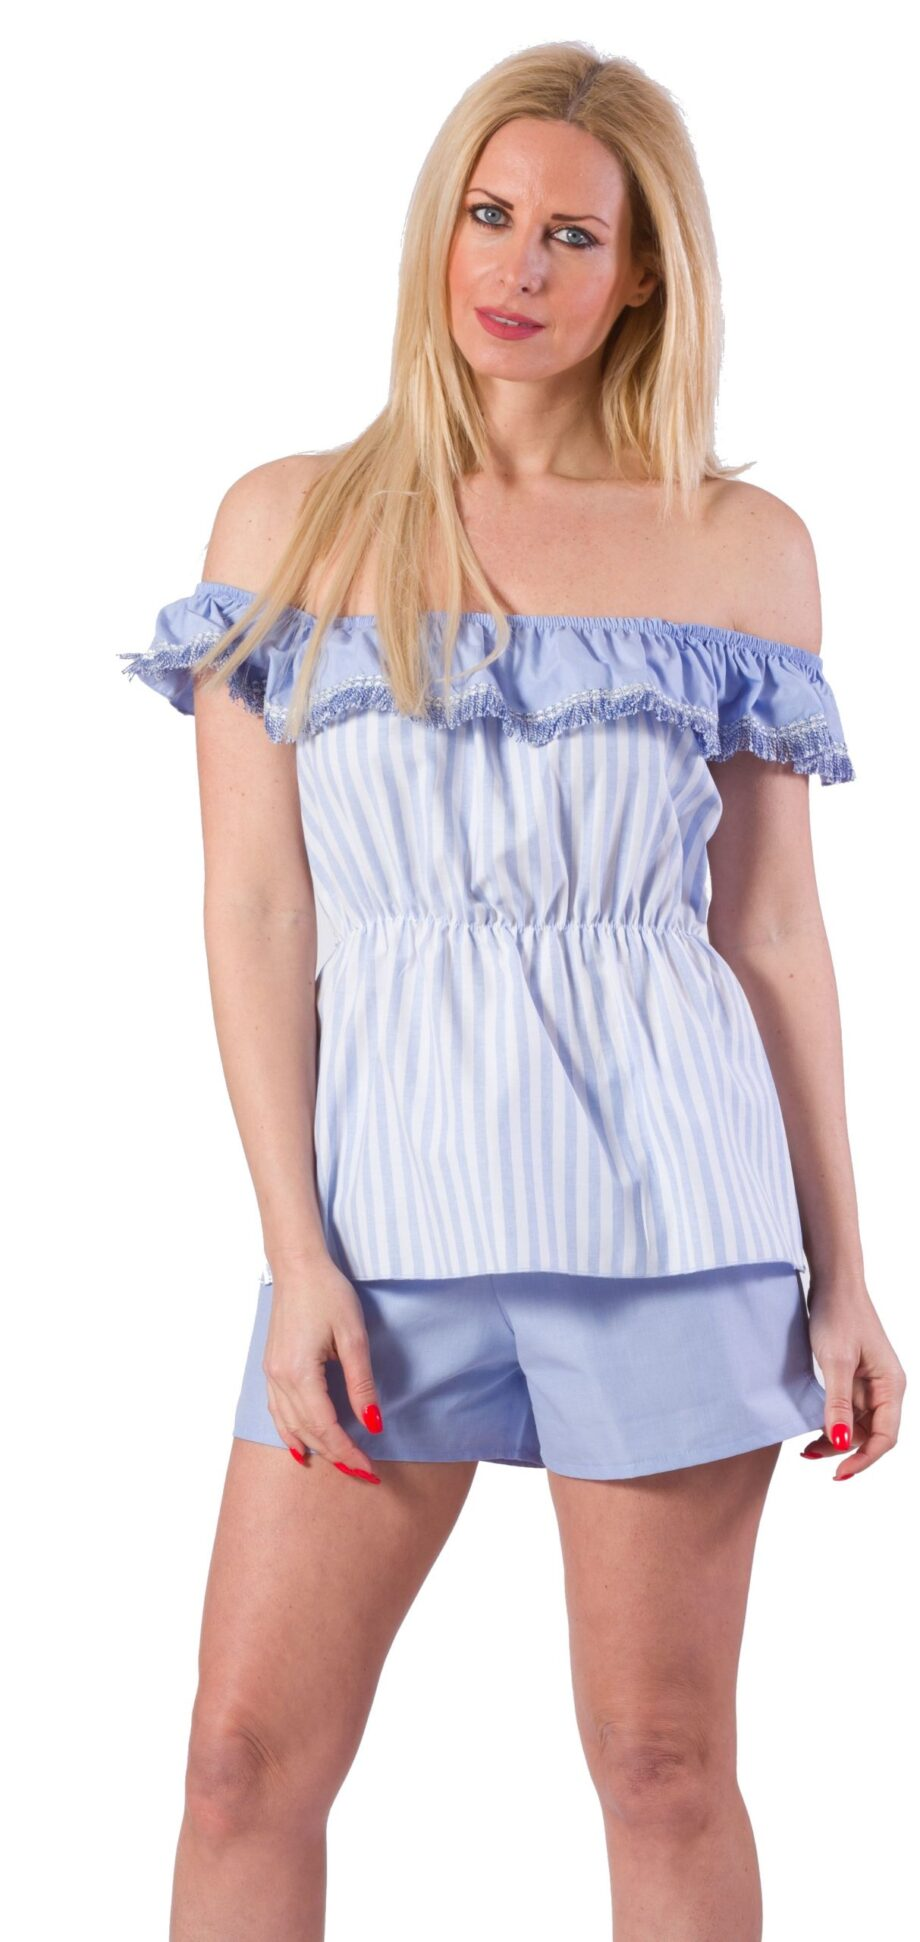 Γυναικείο-Top-παντελόνι-ZEN-Intimates-Beachwear-Μπλε-Ριγέ-scaled-1.jpeg